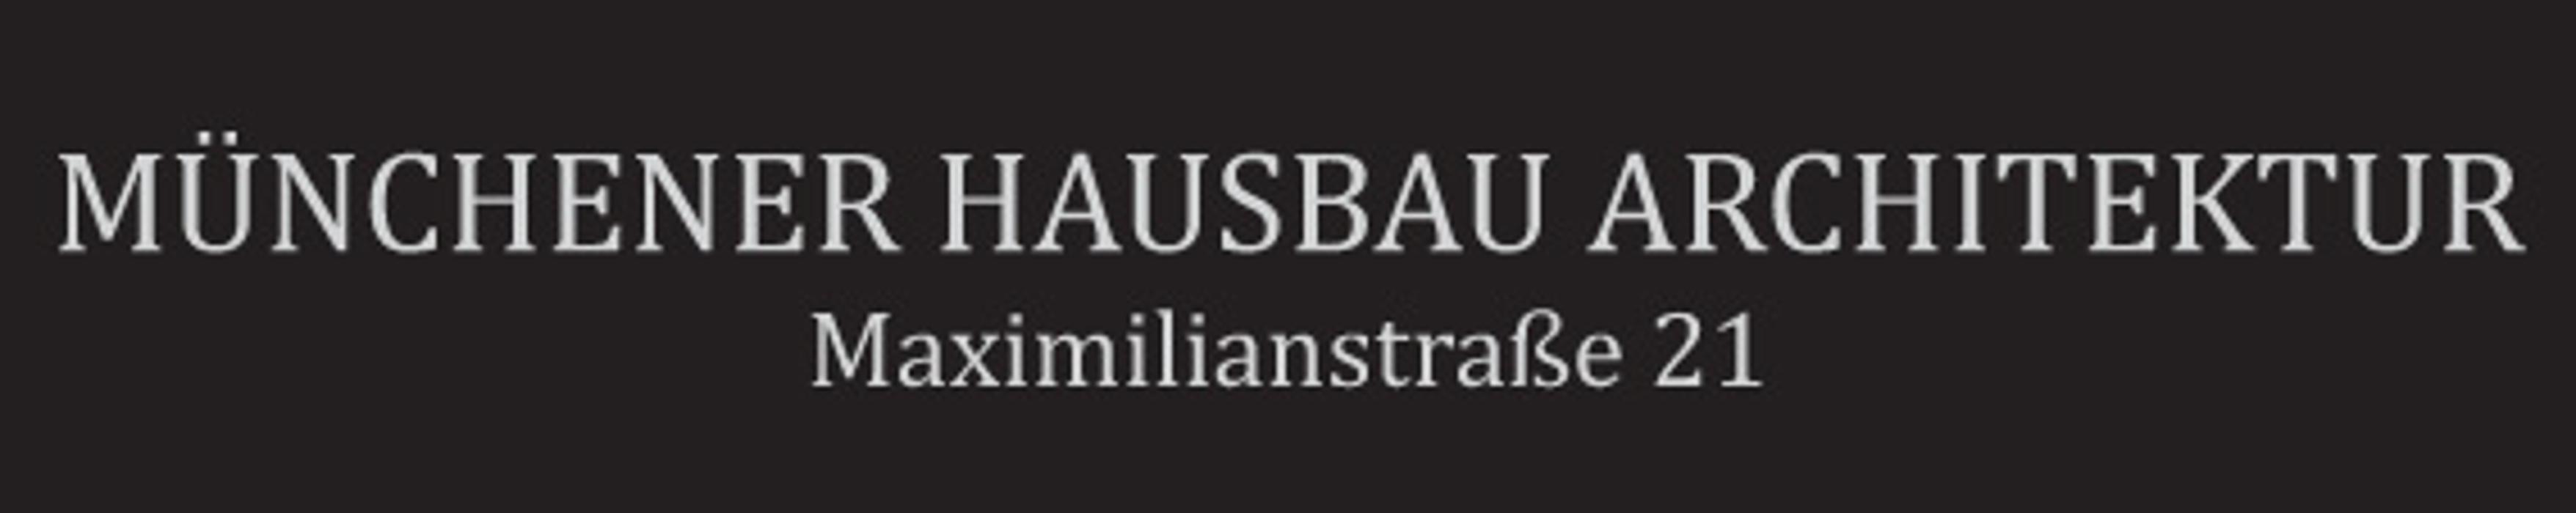 Bild zu MÜNCHENER HAUSBAU ARCHITEKTUR GmbH in München